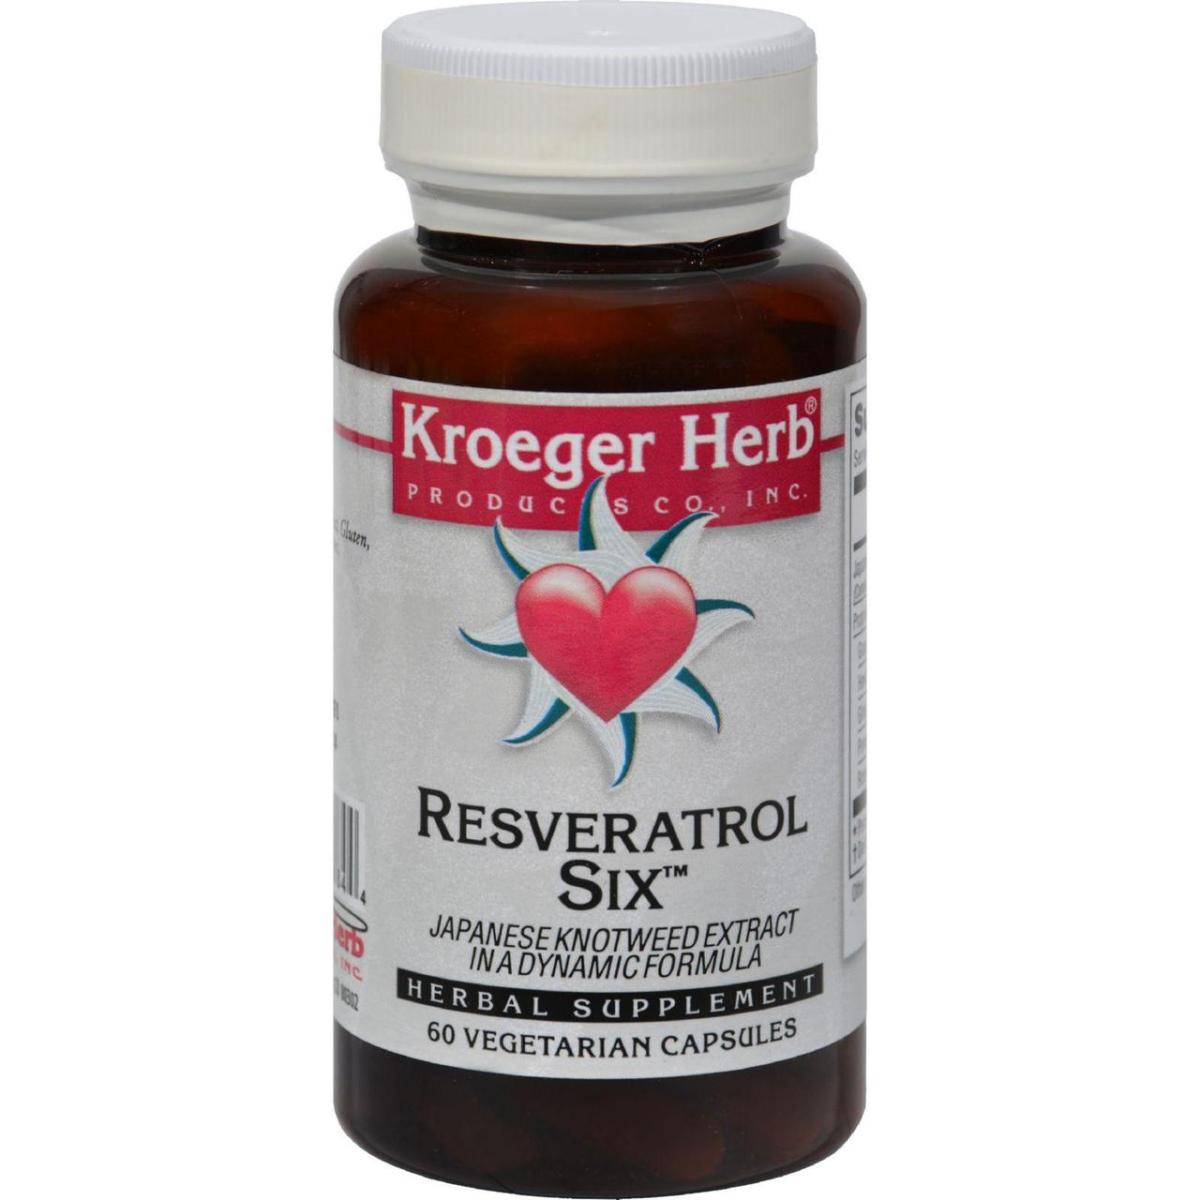 Kroeger Herb HG1072313 Resveratrol Six - 60 Capsules